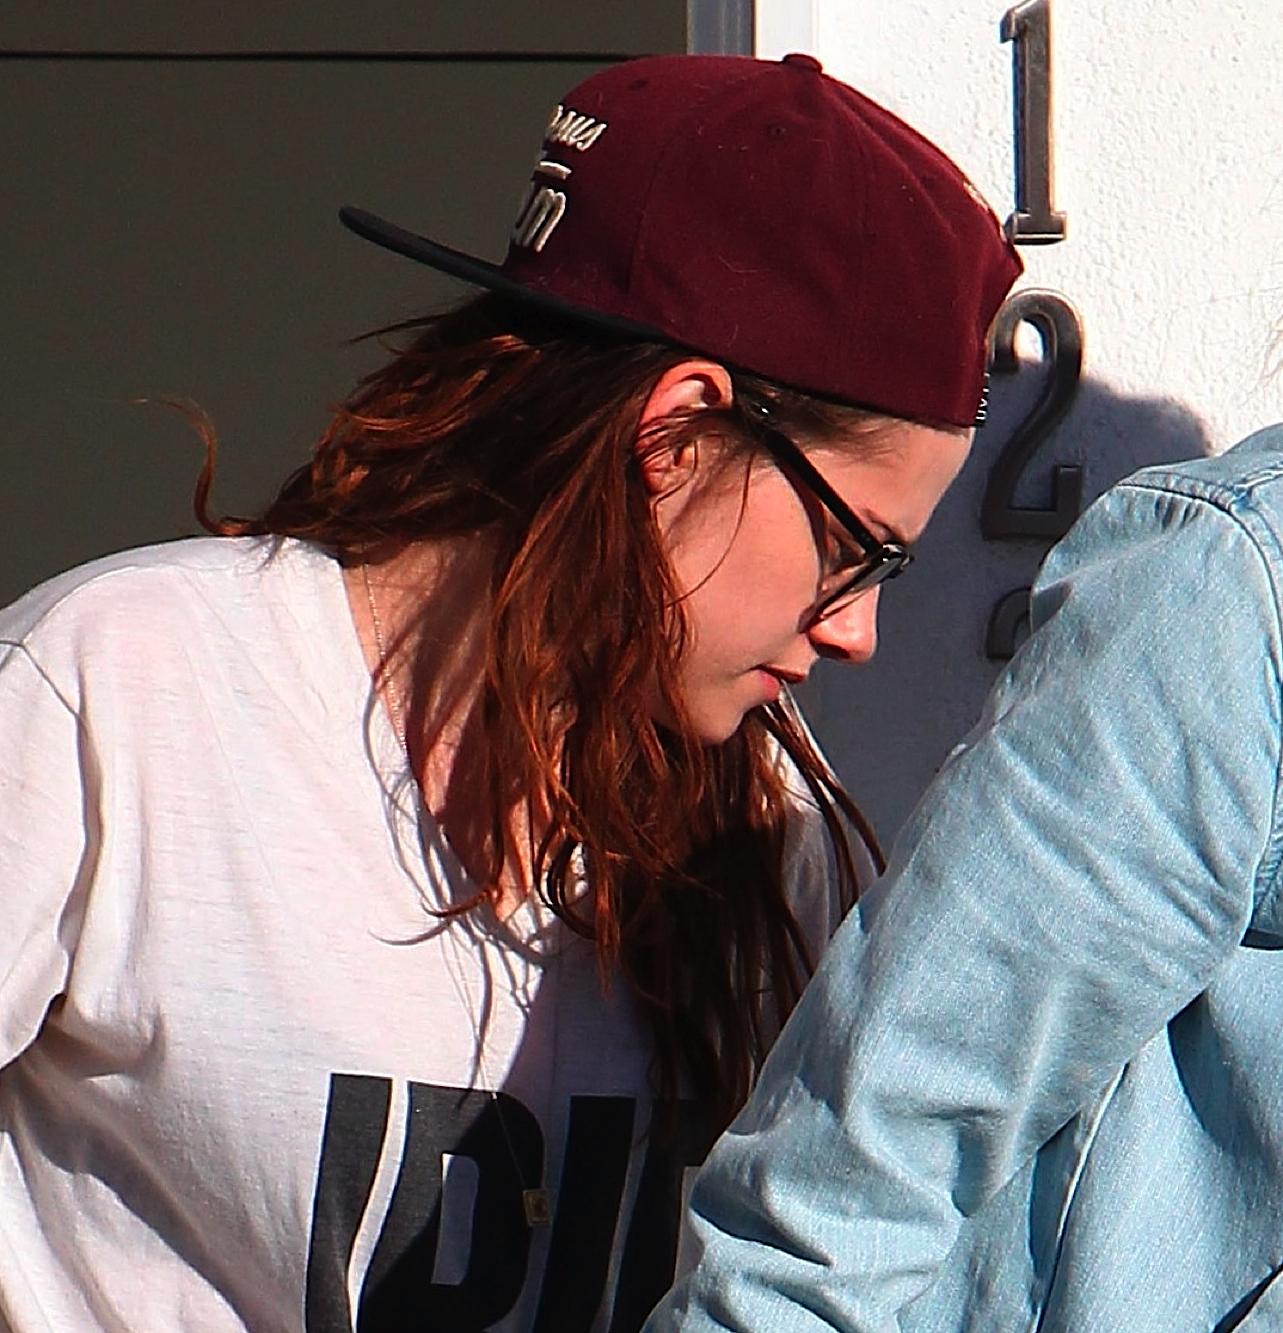 http://2.bp.blogspot.com/-sSR-PDlN6KY/US5TPnId7yI/AAAAAAAAVuA/39tXthX_7yU/s1600/Kristen-Stewart-Los-Angeles-1.jpg